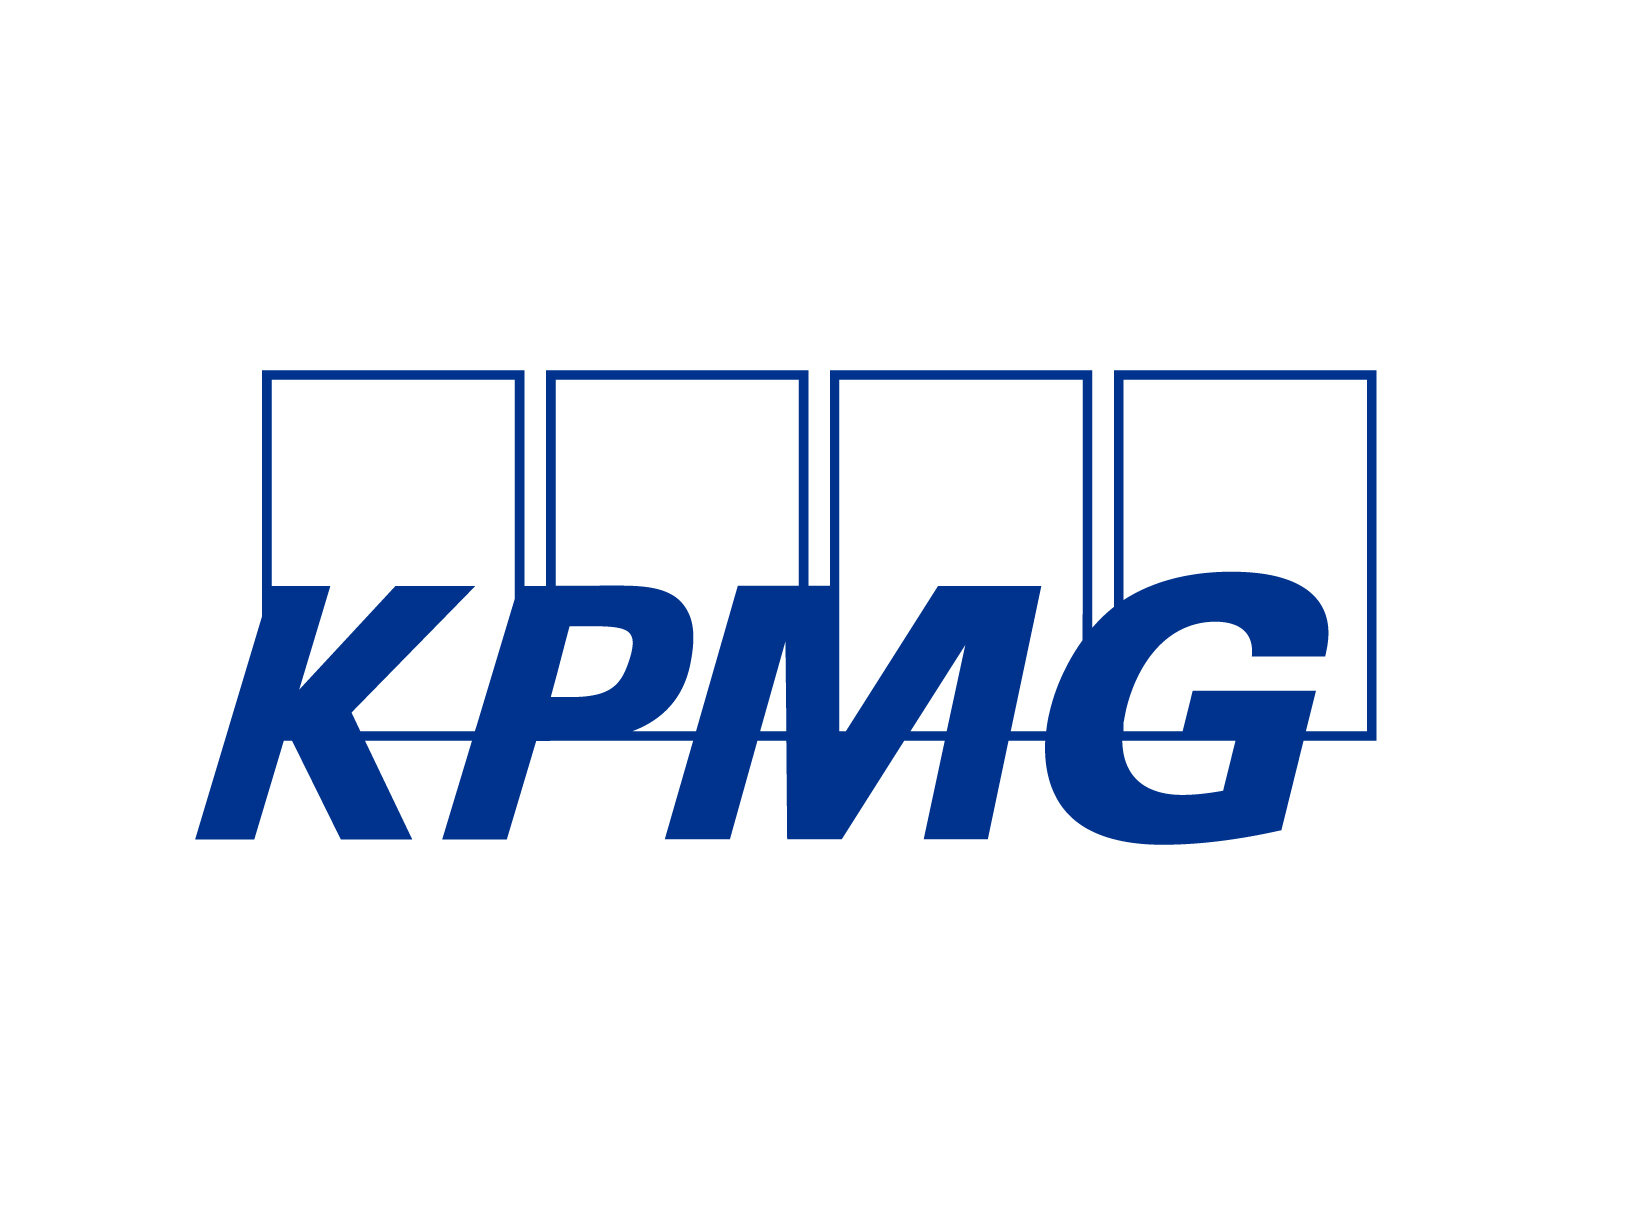 KPMG_.jpg.jpg